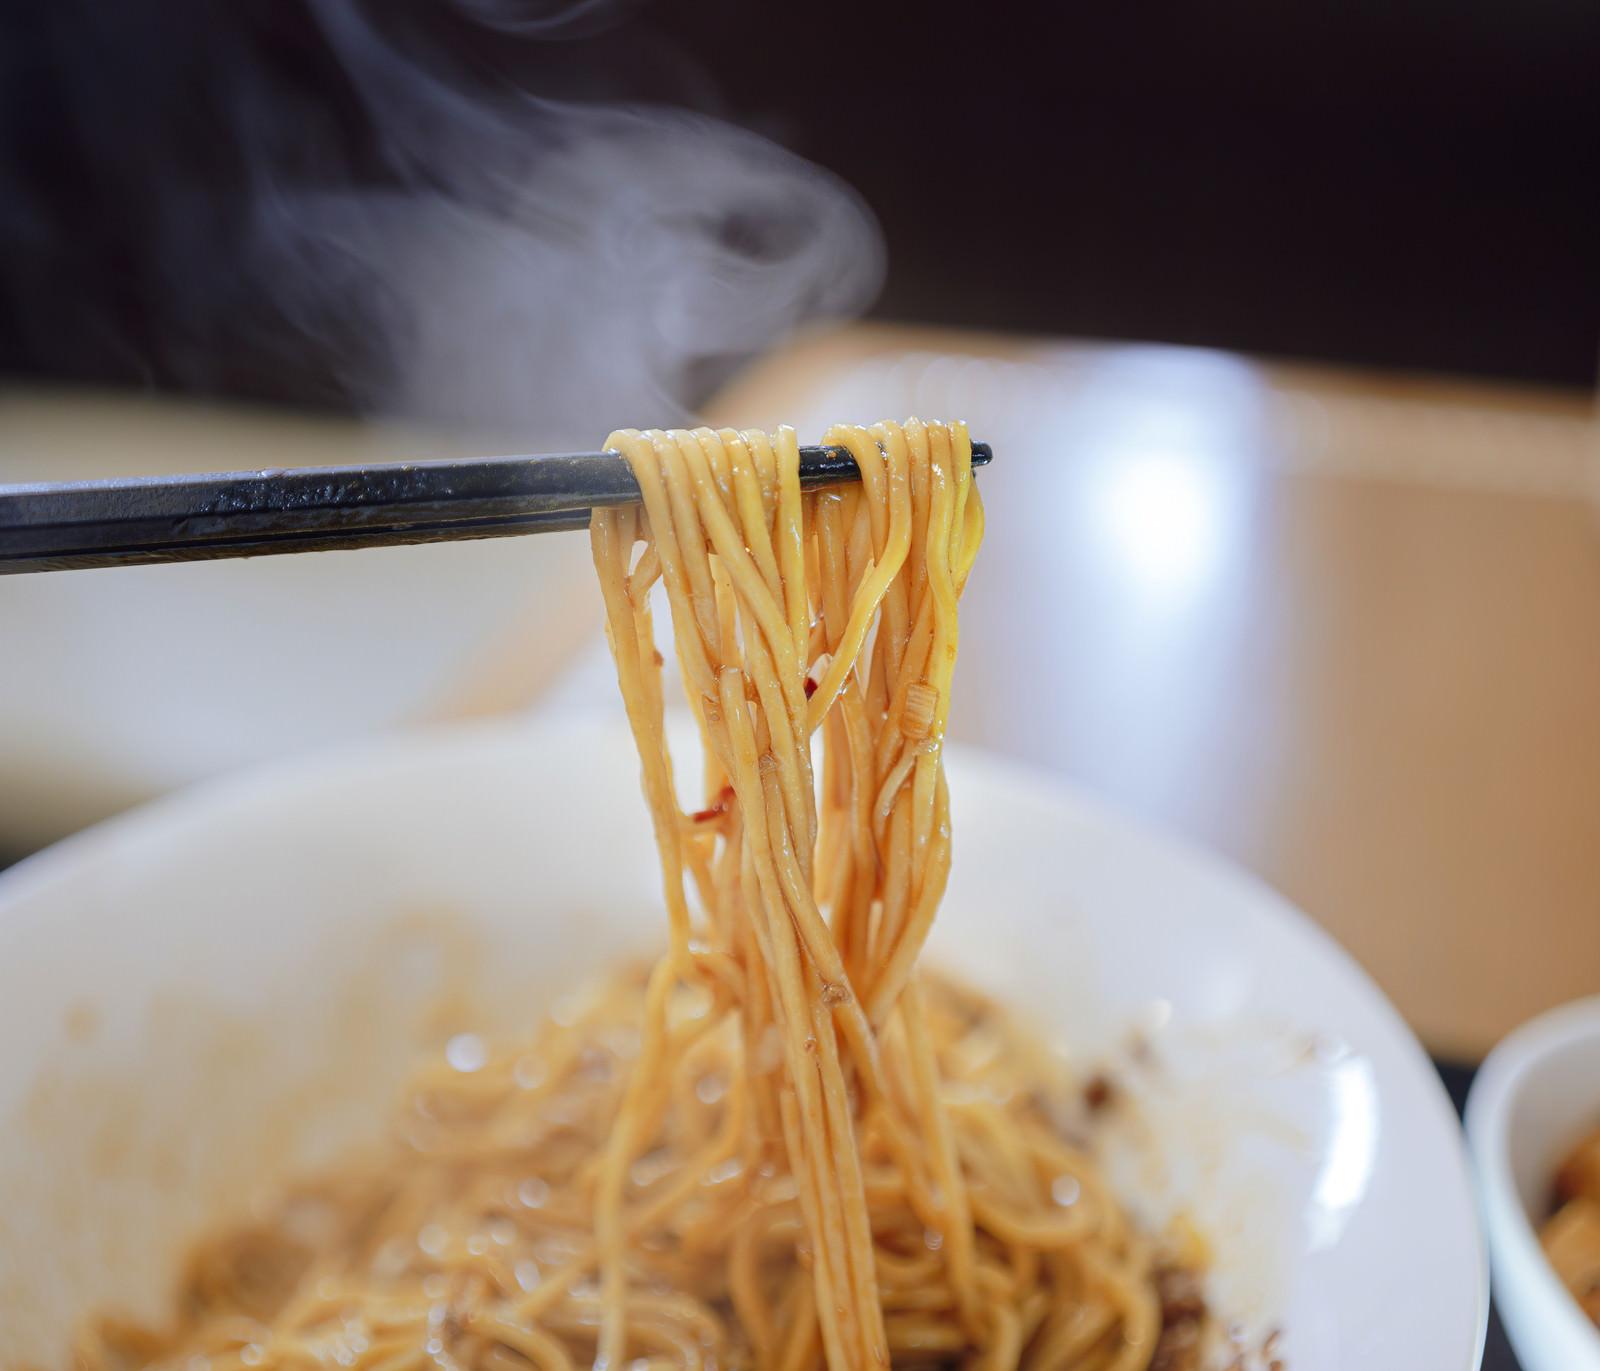 「熱々の汁なし担々麺を箸で持ち上げる」の写真